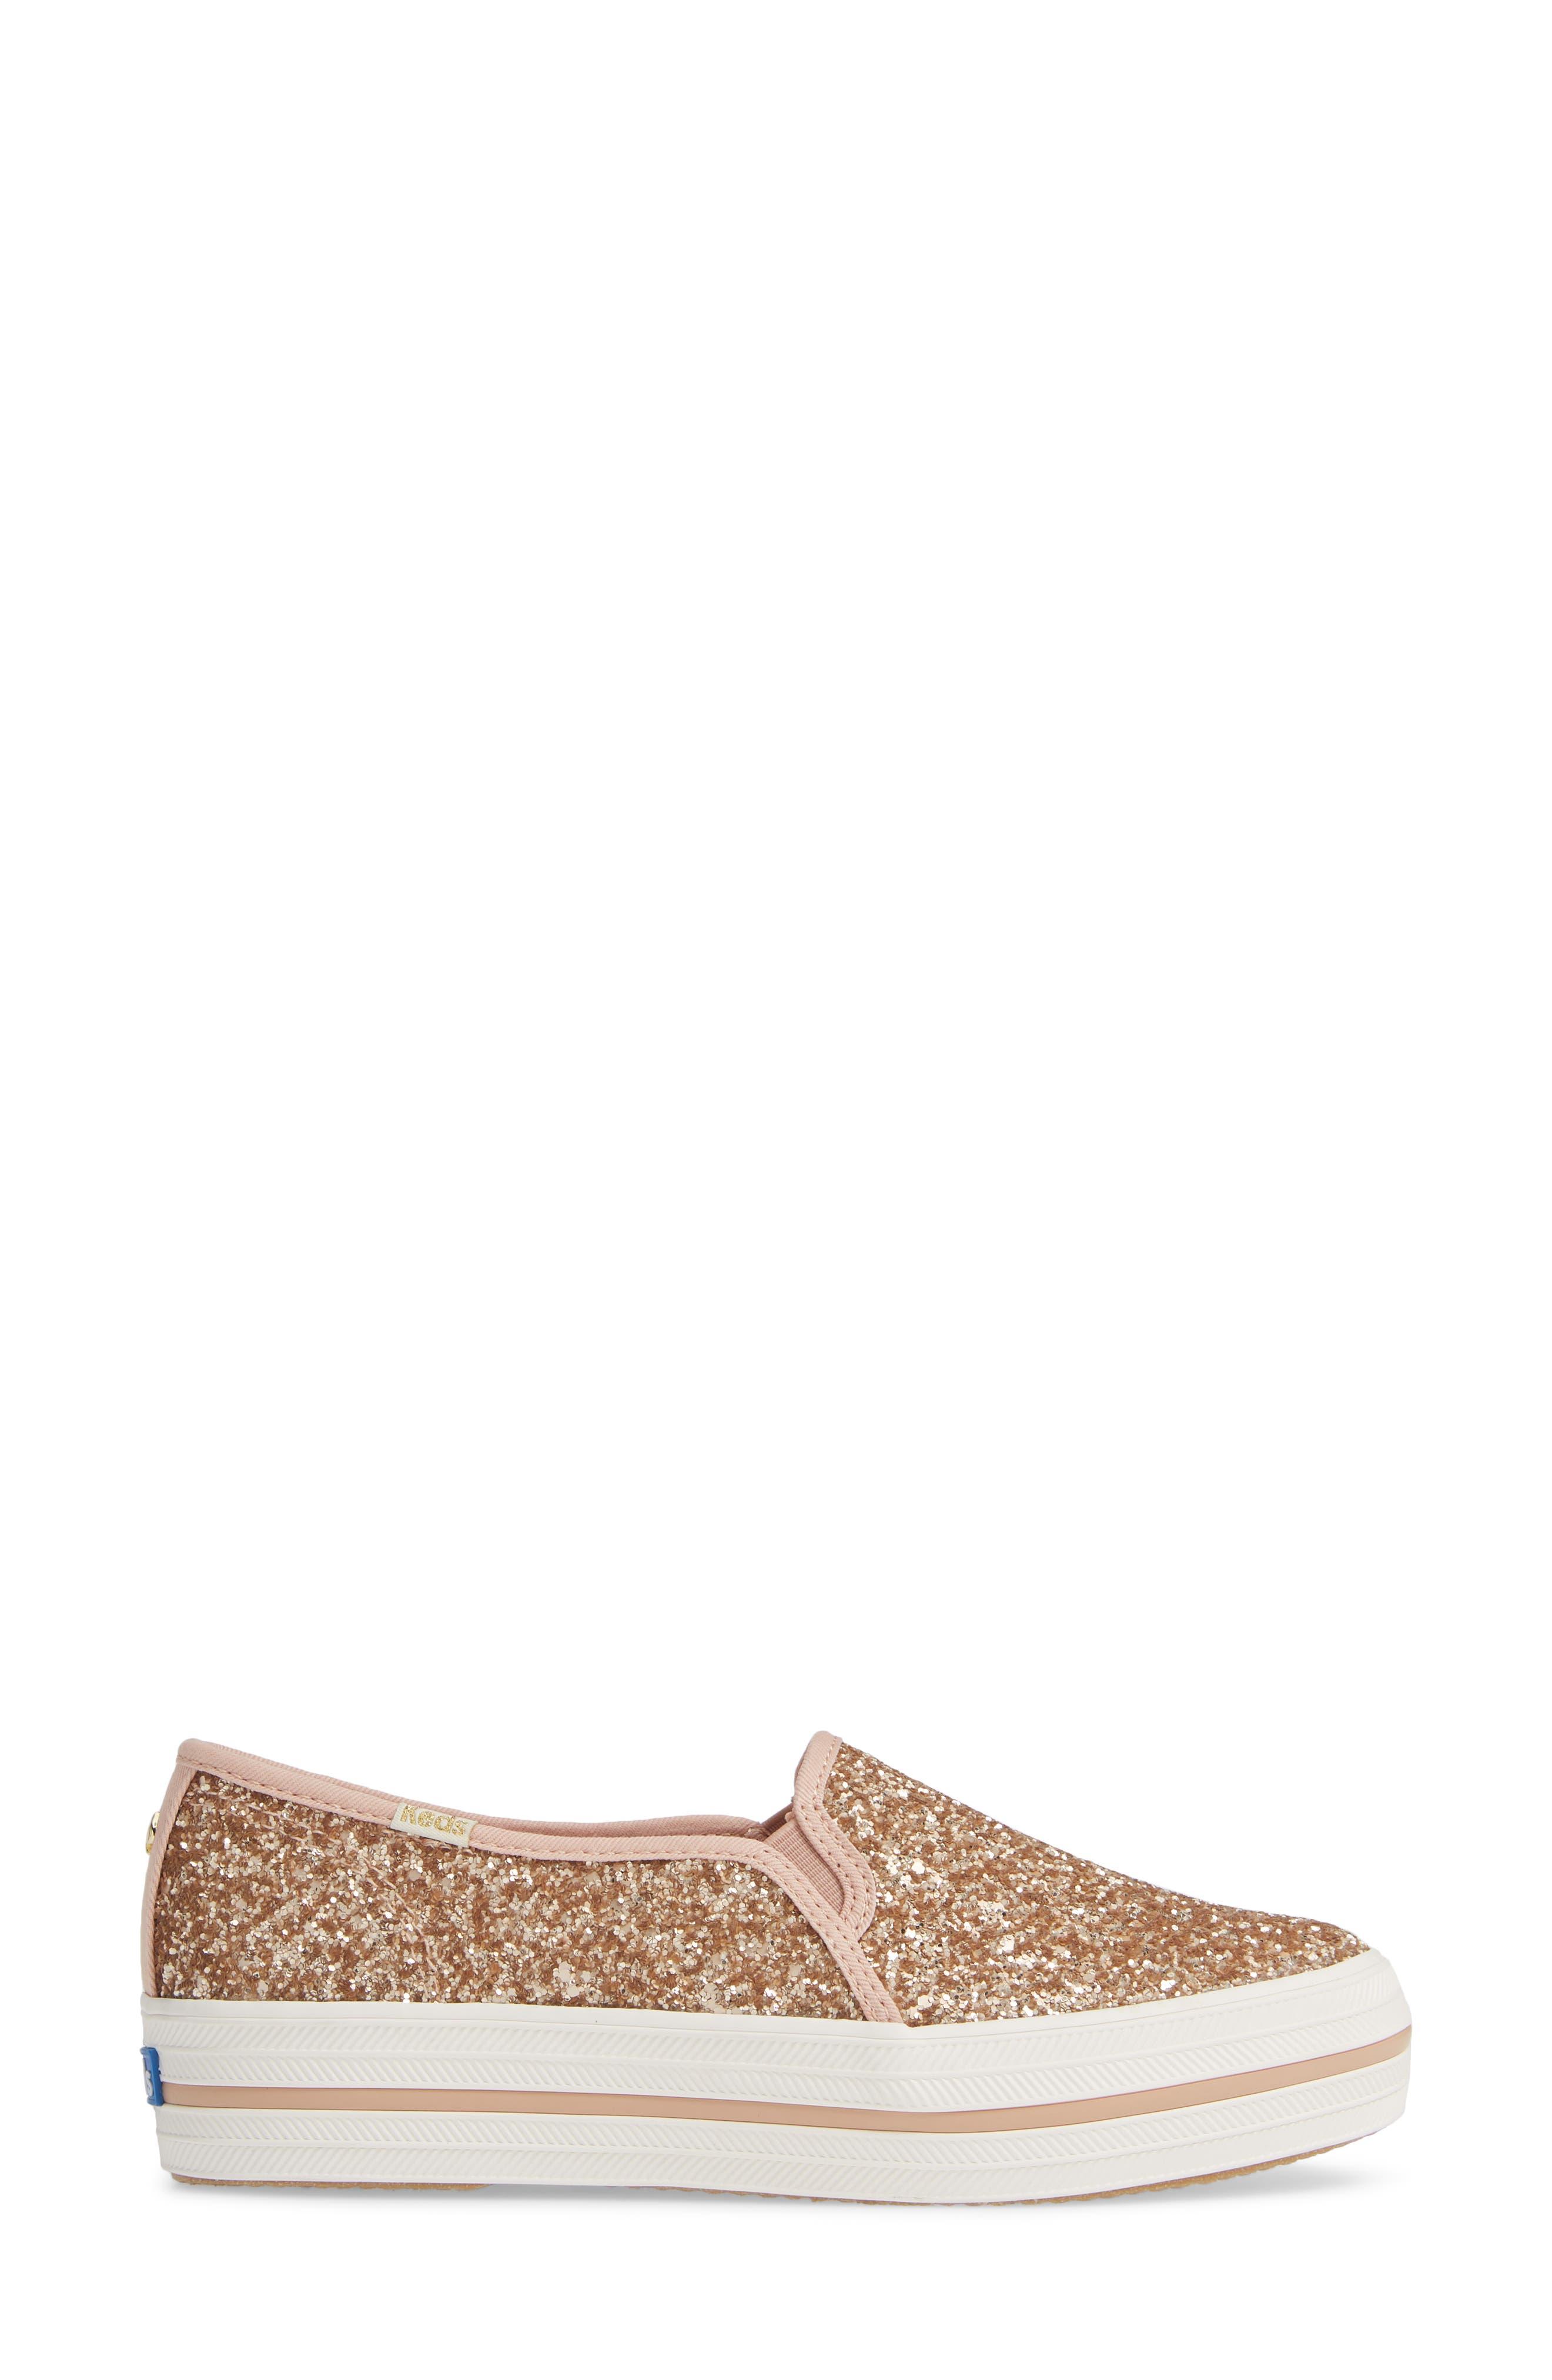 triple decker glitter slip-on sneaker,                             Alternate thumbnail 3, color,                             ROSE GOLD